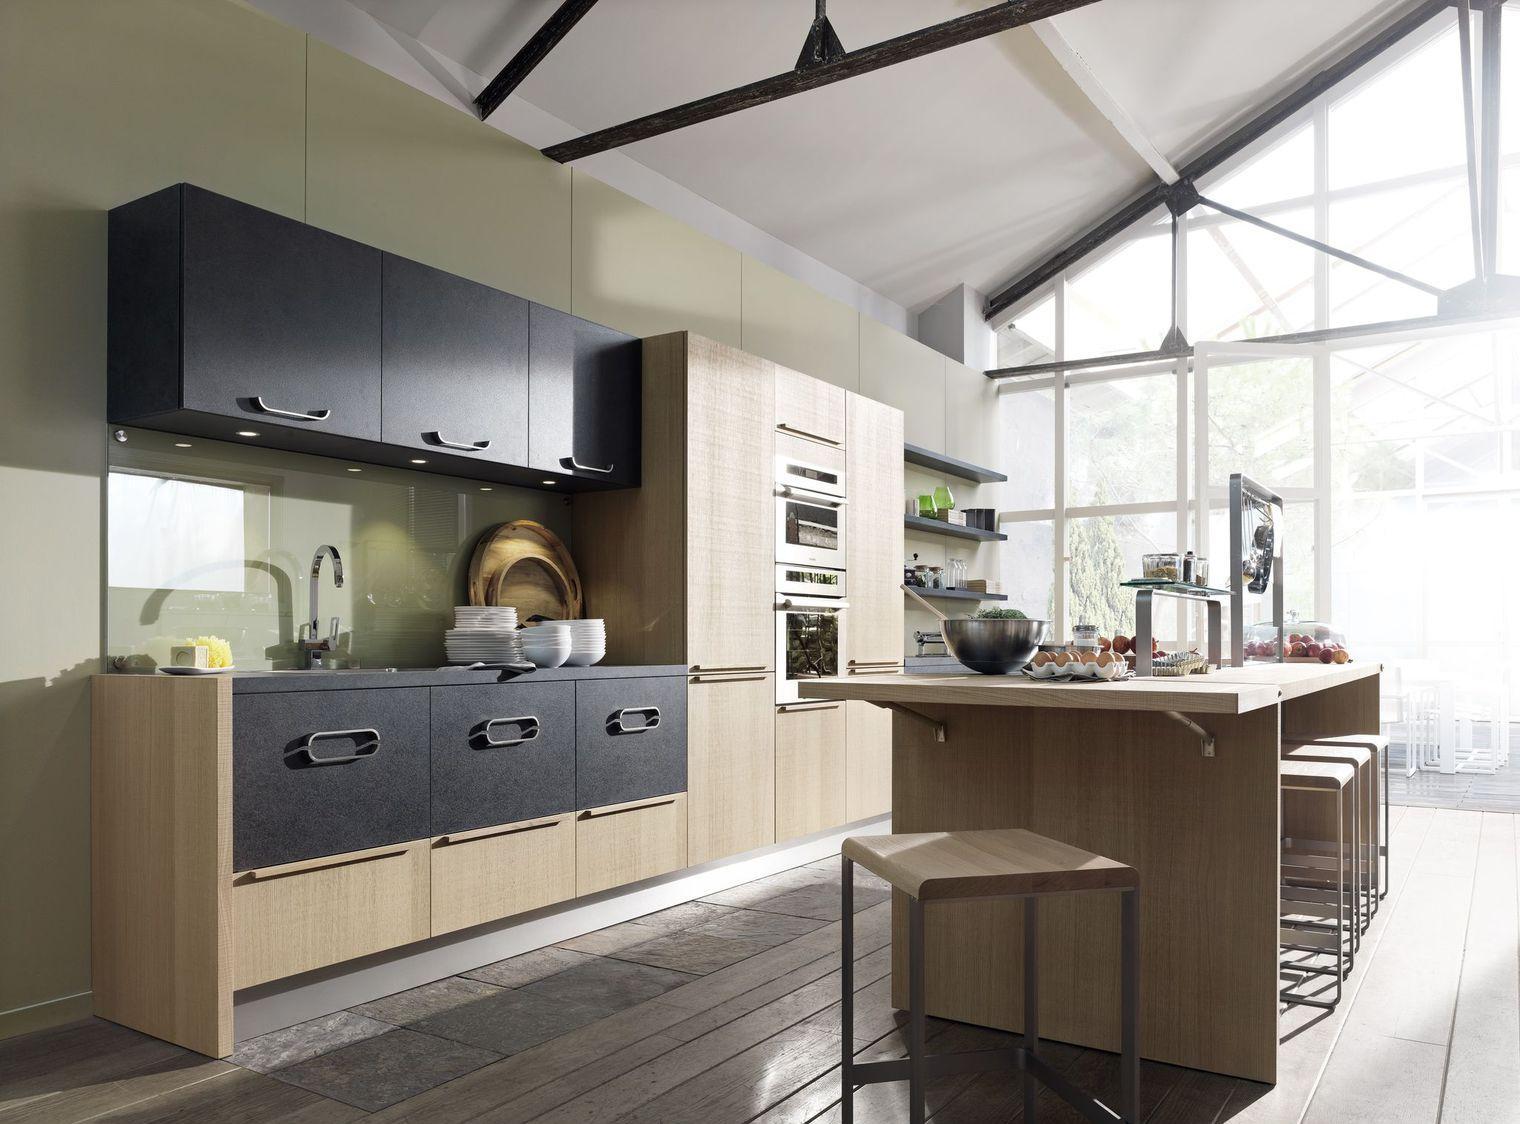 Кухня ламинированная в частном доме